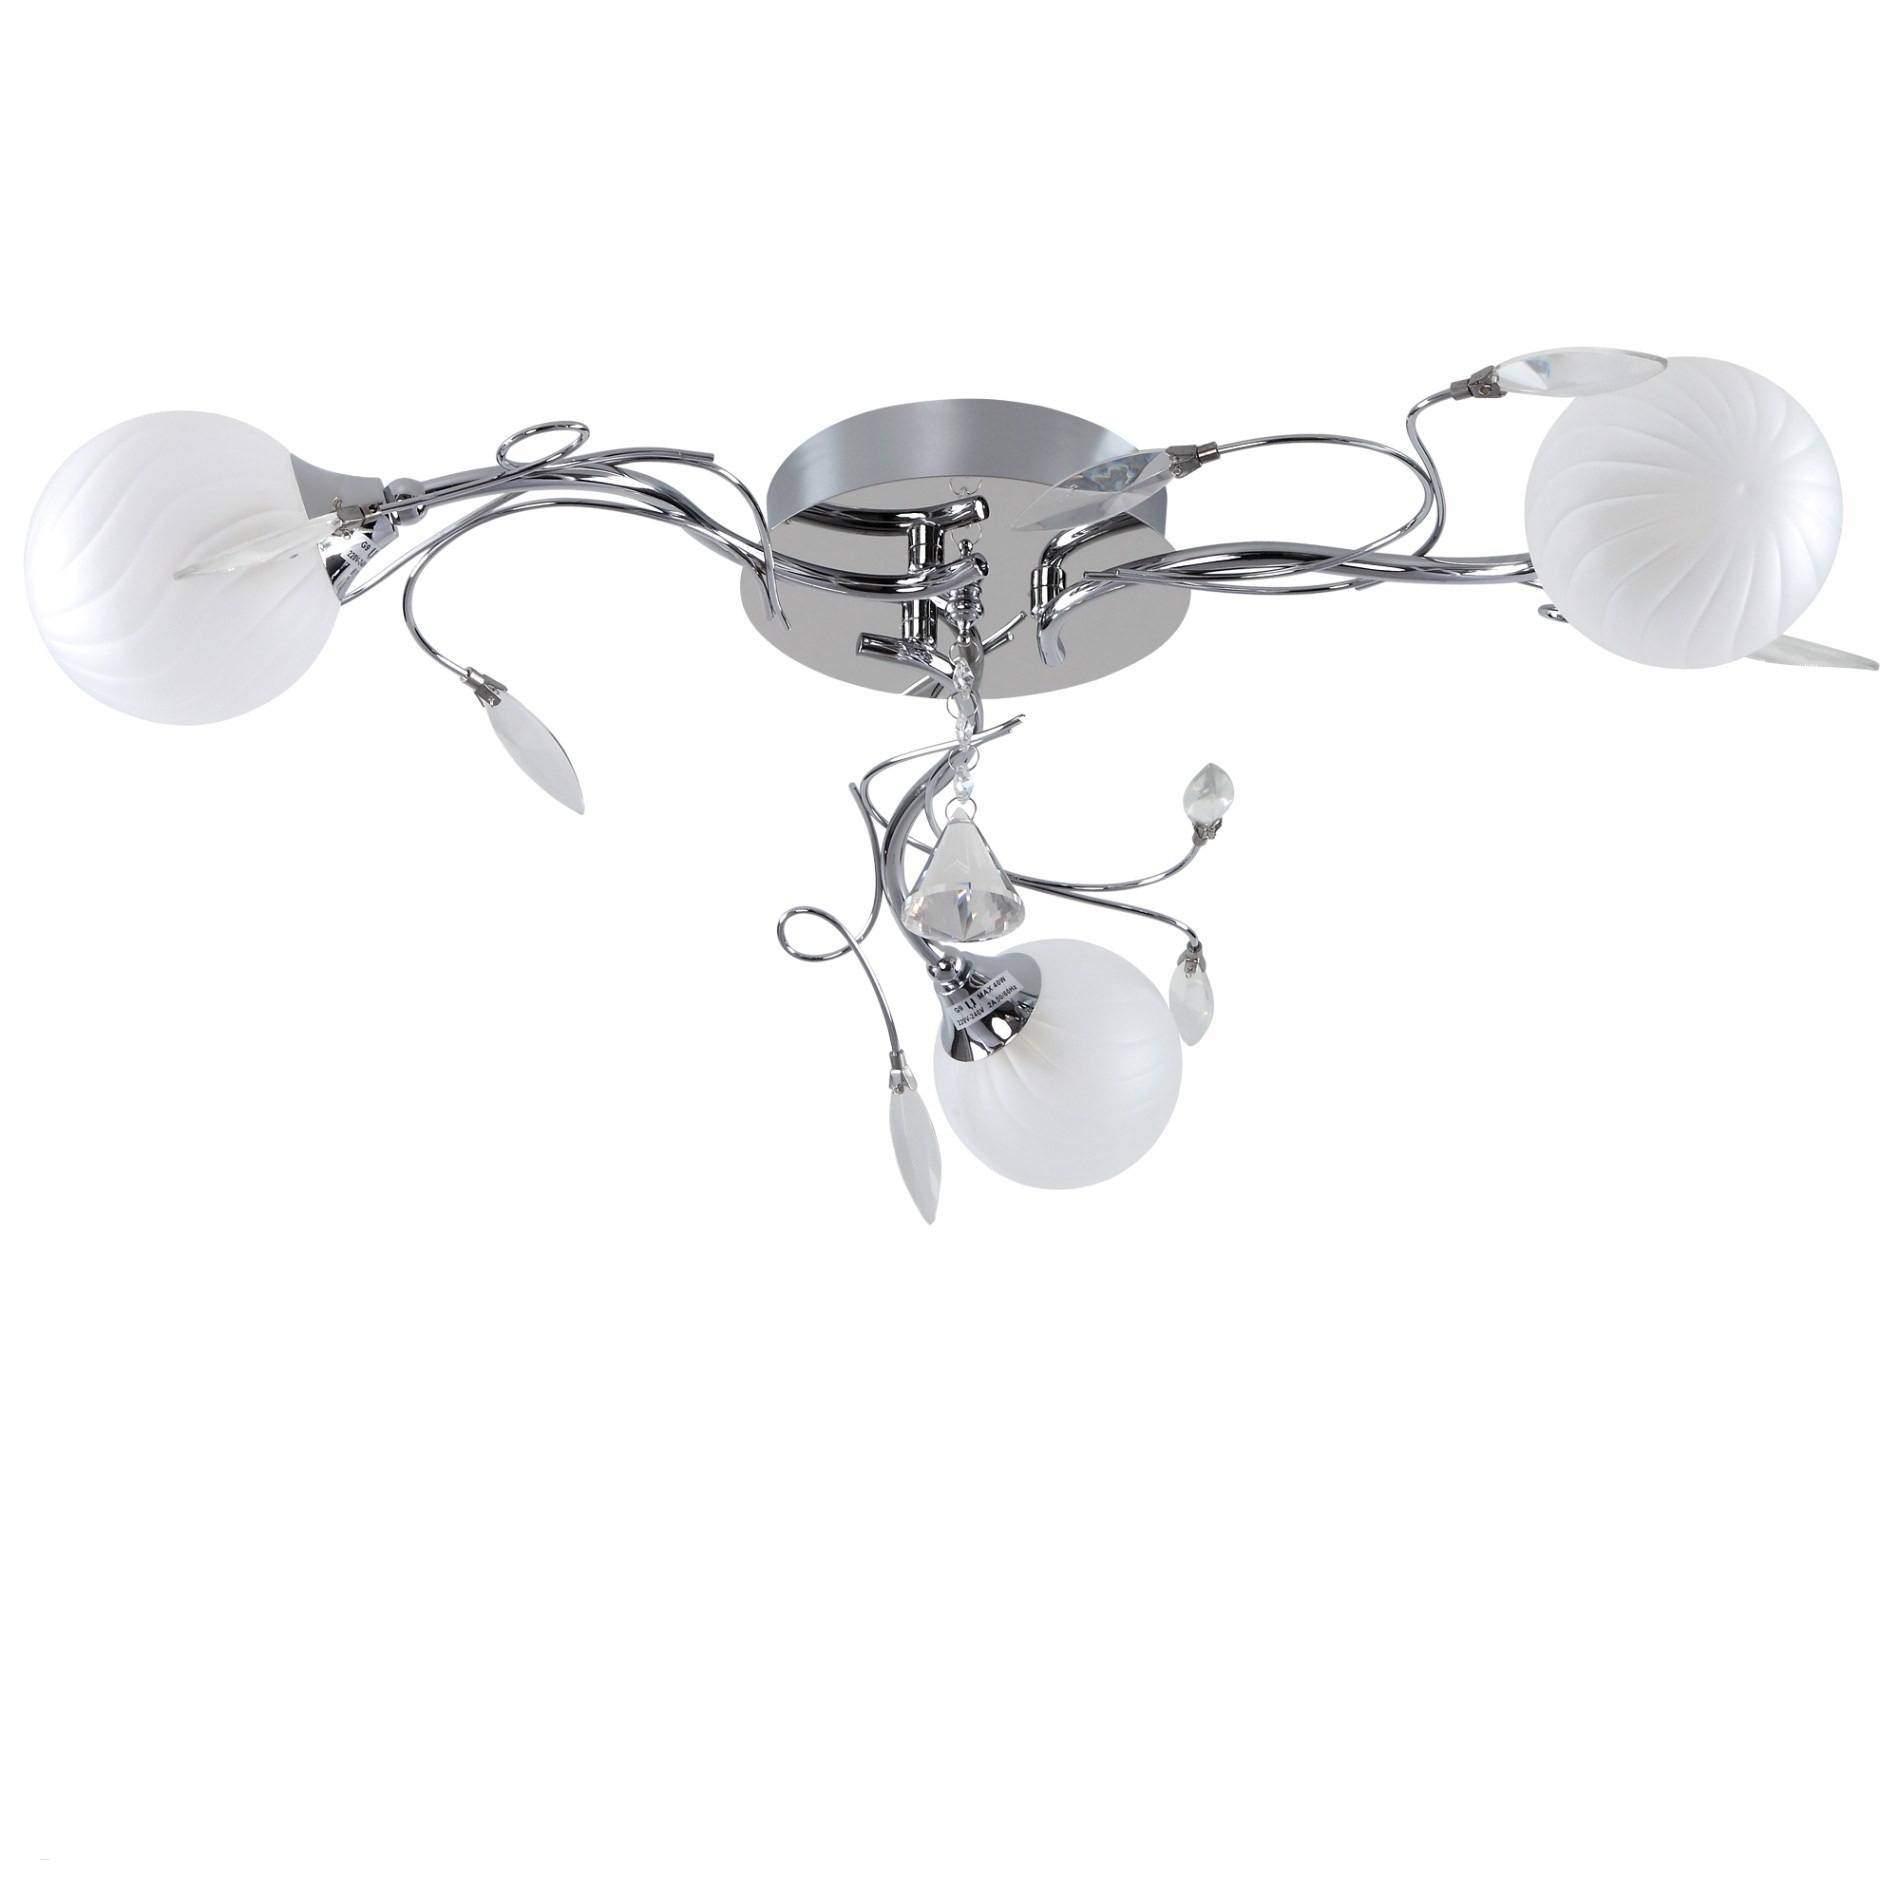 Full Size of Wohnzimmerlampen Ikea Lampen Wohnzimmer Reizend Unique Küche Kosten Betten Bei Miniküche Sofa Mit Schlaffunktion Modulküche Kaufen 160x200 Wohnzimmer Wohnzimmerlampen Ikea